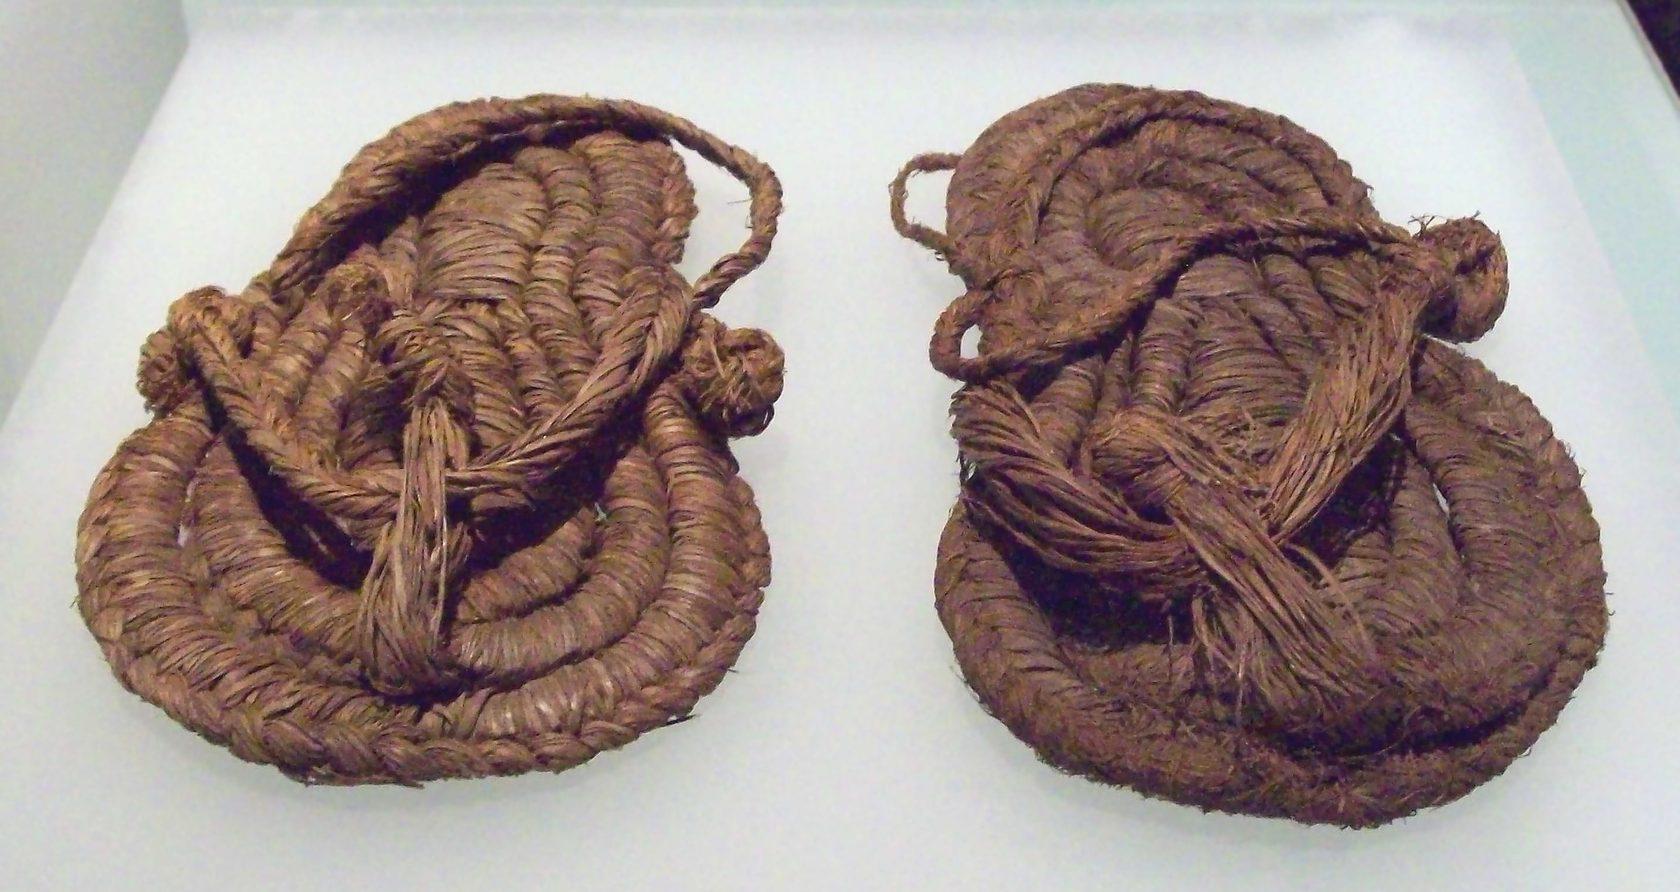 Сандалии 5-6 веков, найдены в Испании